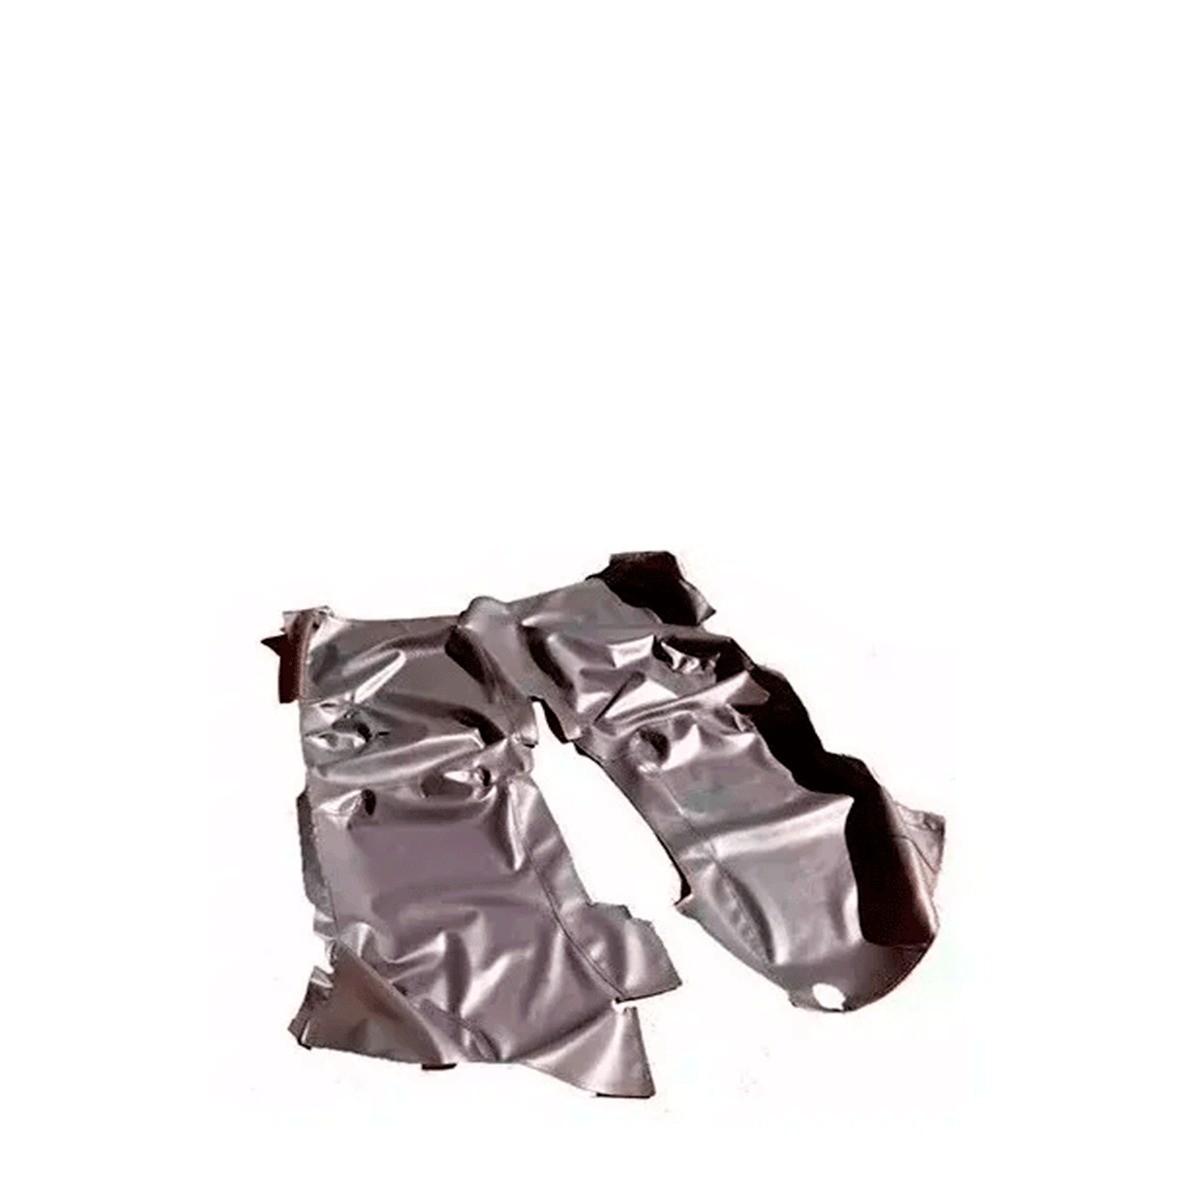 Tapete Forração Protetora Para Assoalho do Parati G3 2 Portas em Vinil Verniz Impermeável